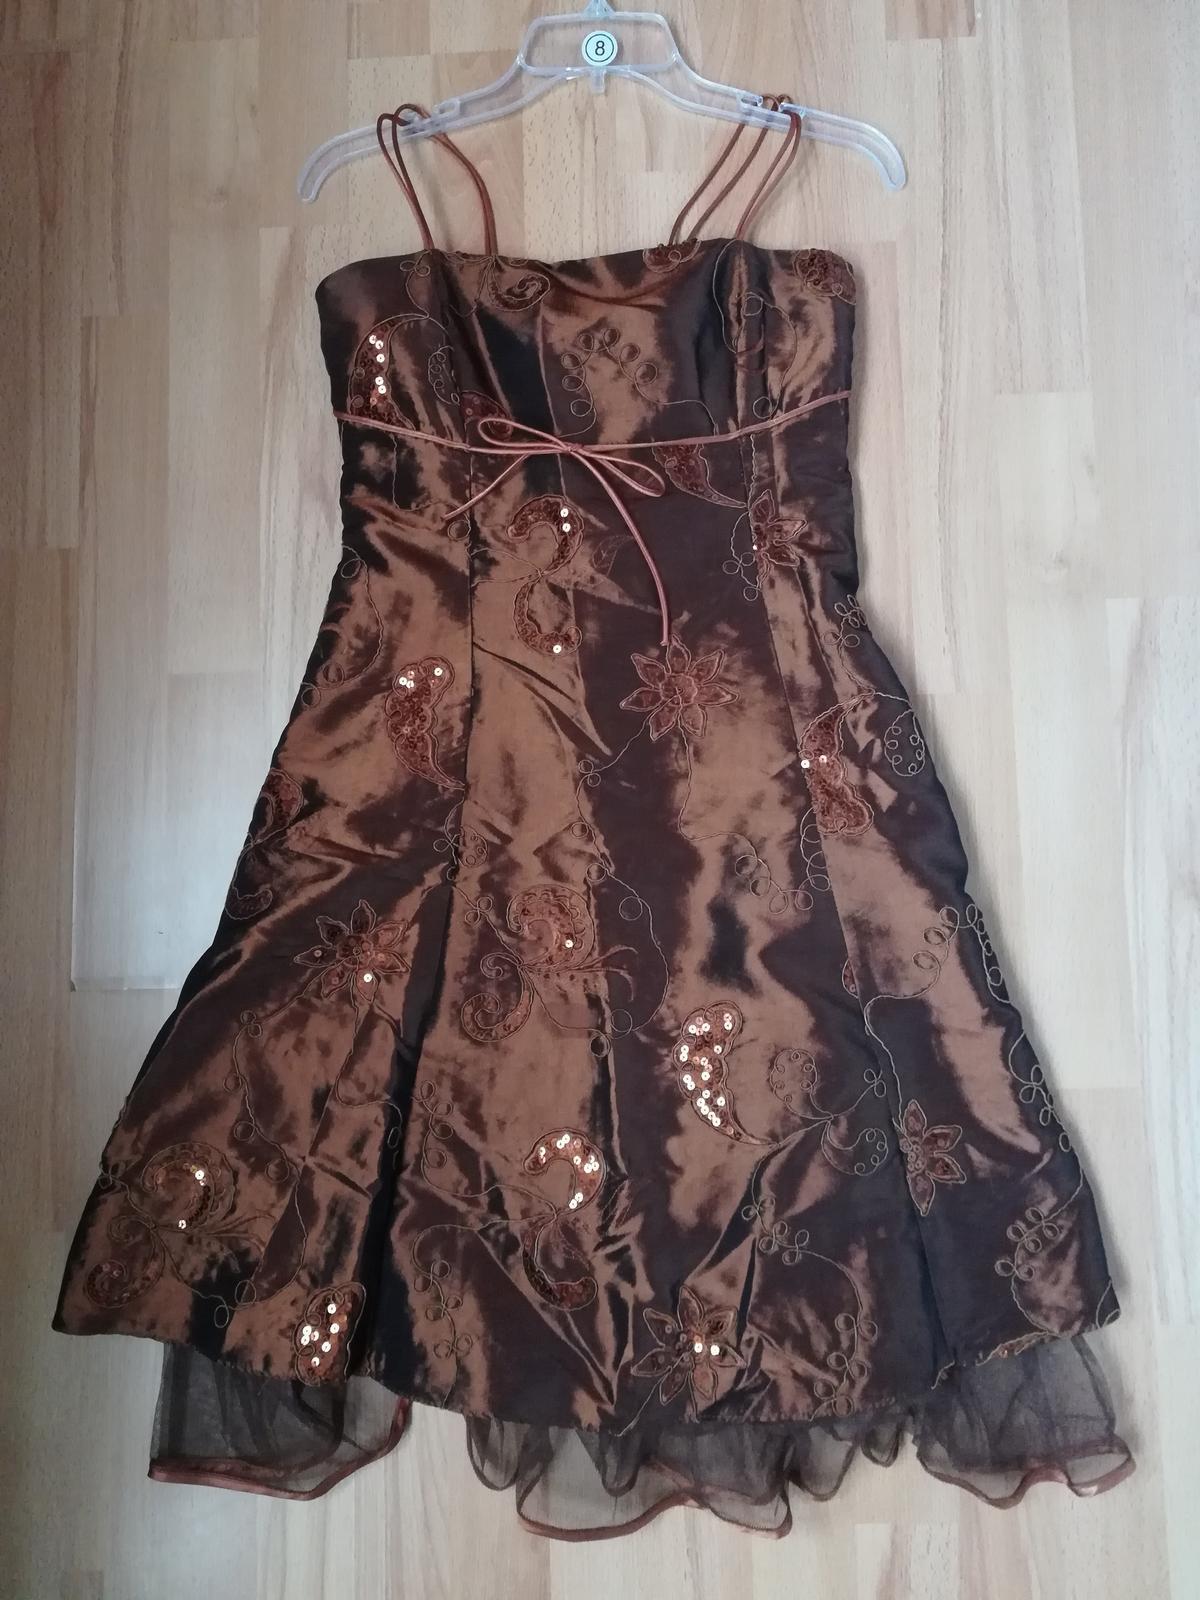 medené šaty - Obrázok č. 1